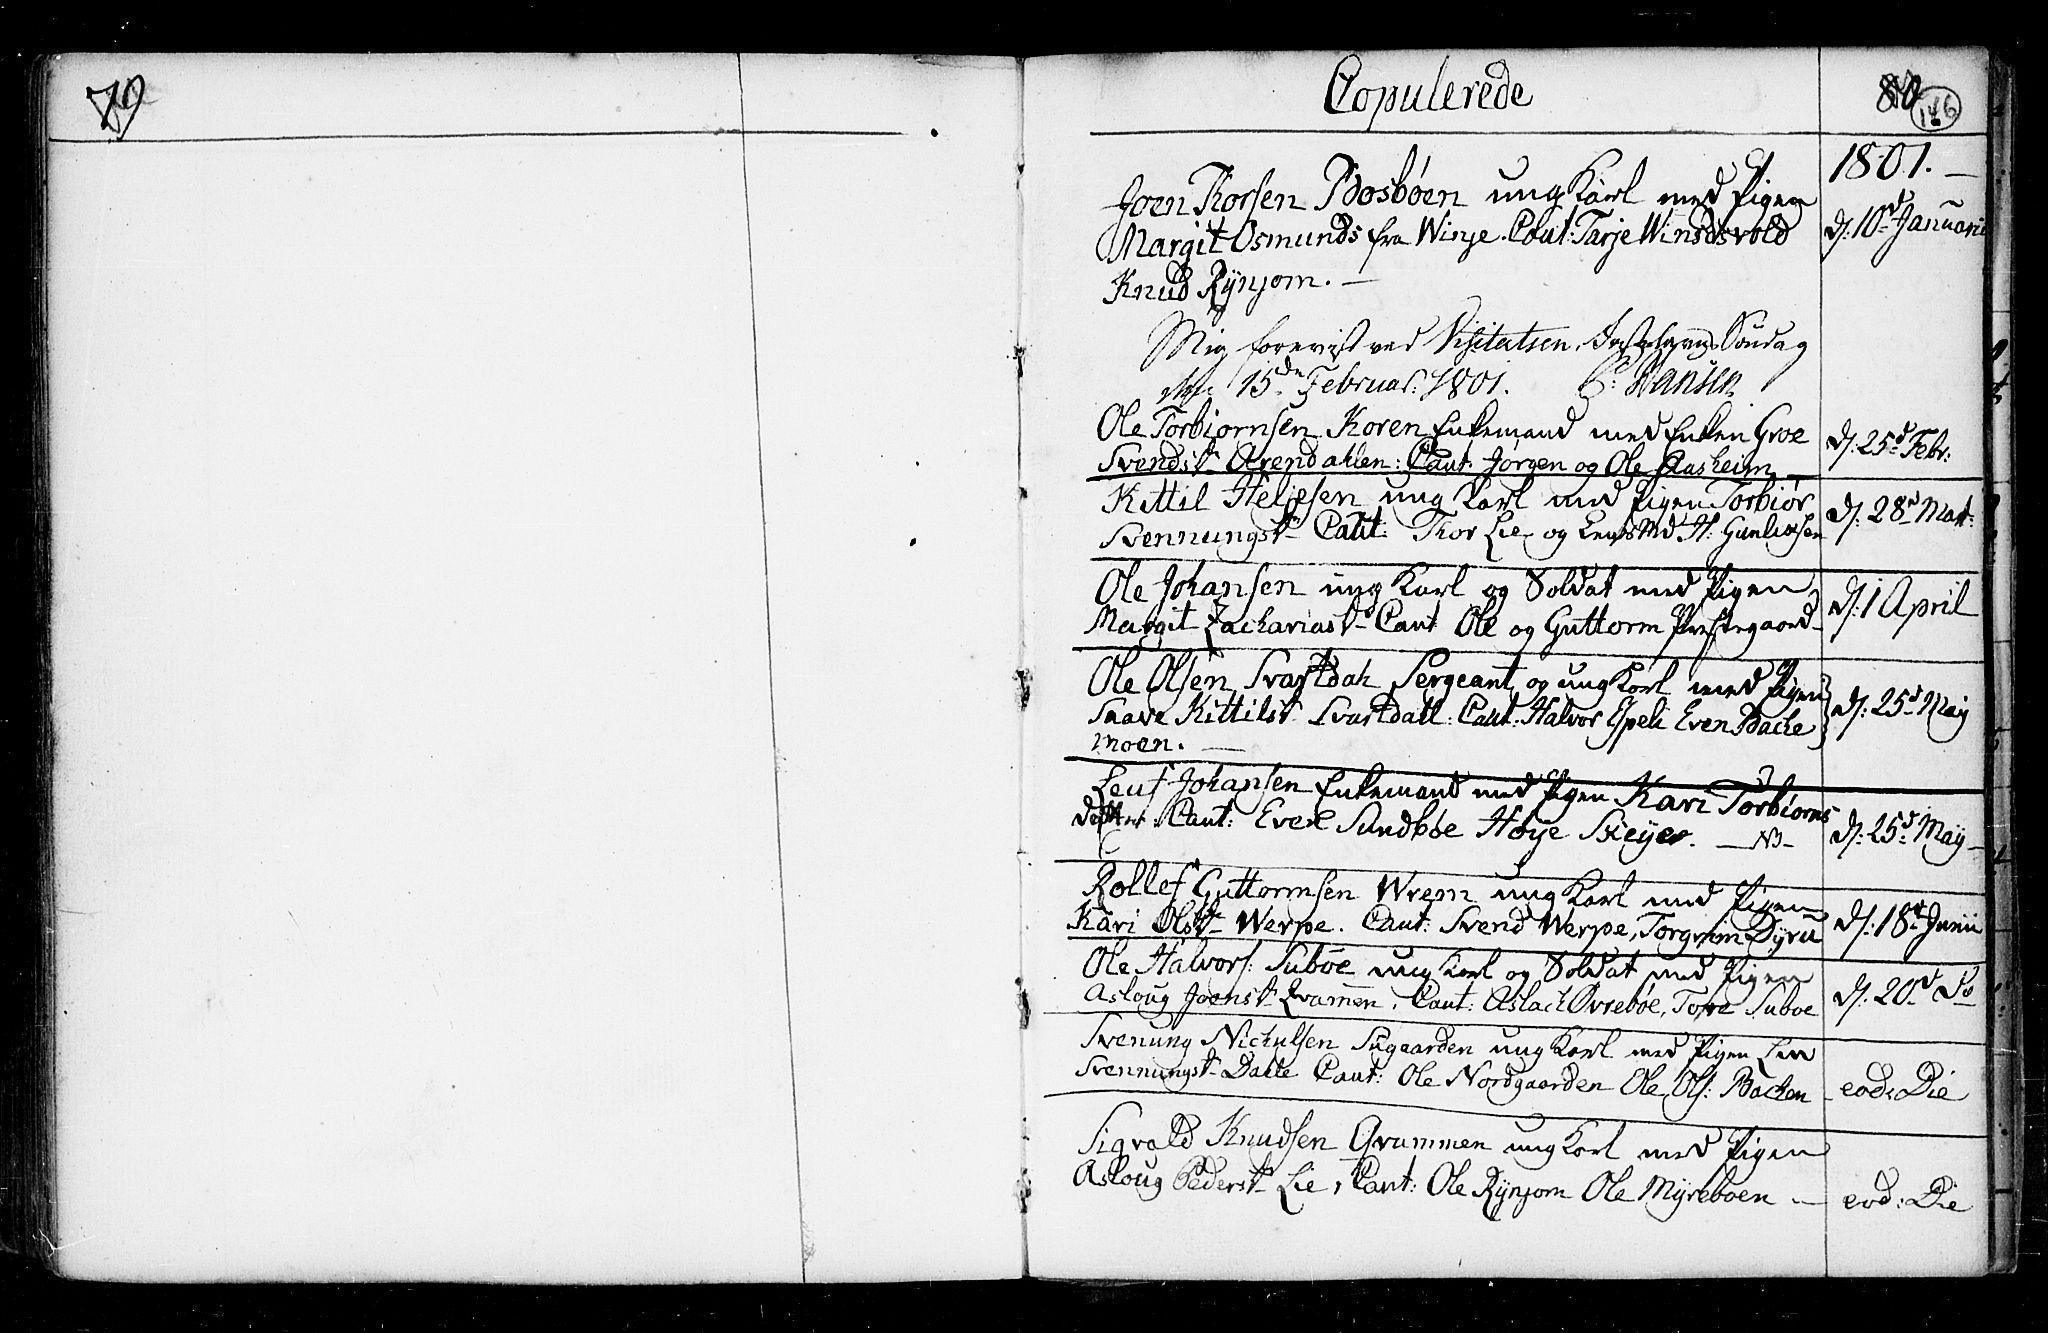 SAKO, Seljord kirkebøker, F/Fa/L0008: Ministerialbok nr. I 8, 1755-1814, s. 146